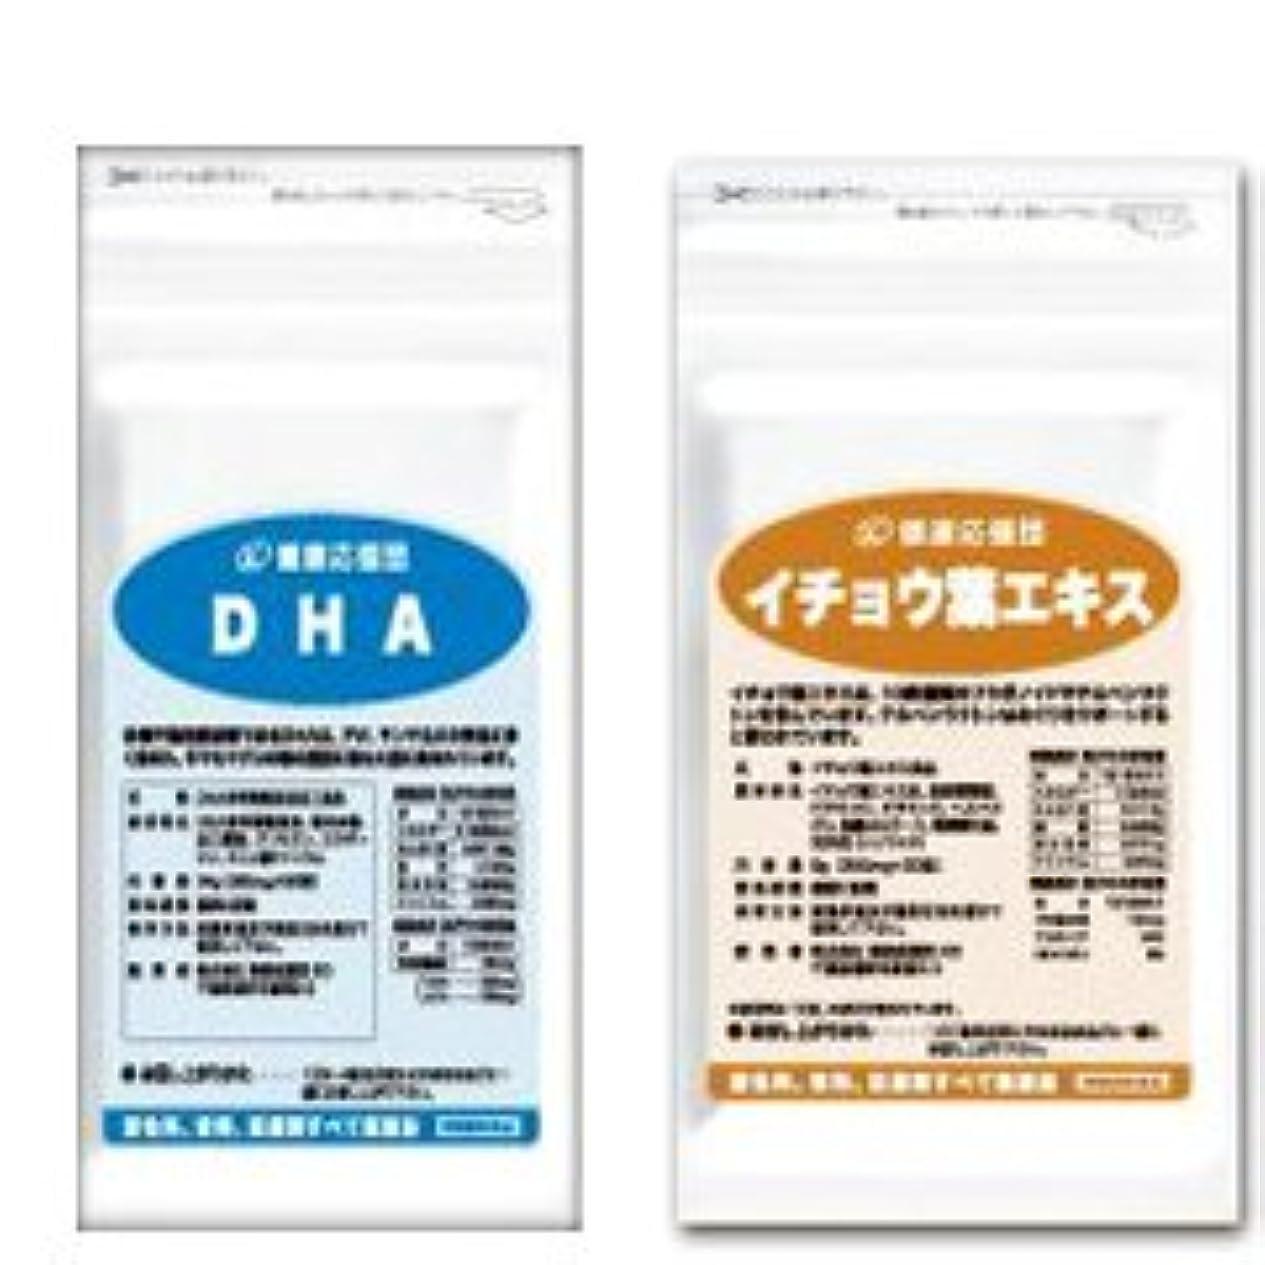 墓お世話になった金銭的な(お徳用6か月分)サラサラ巡りセット DHA + イチョウ葉エキス 6袋セット (DHA?EPA?イチョウ葉?ビタミンC?ビタミンE?ビタミンP配合)